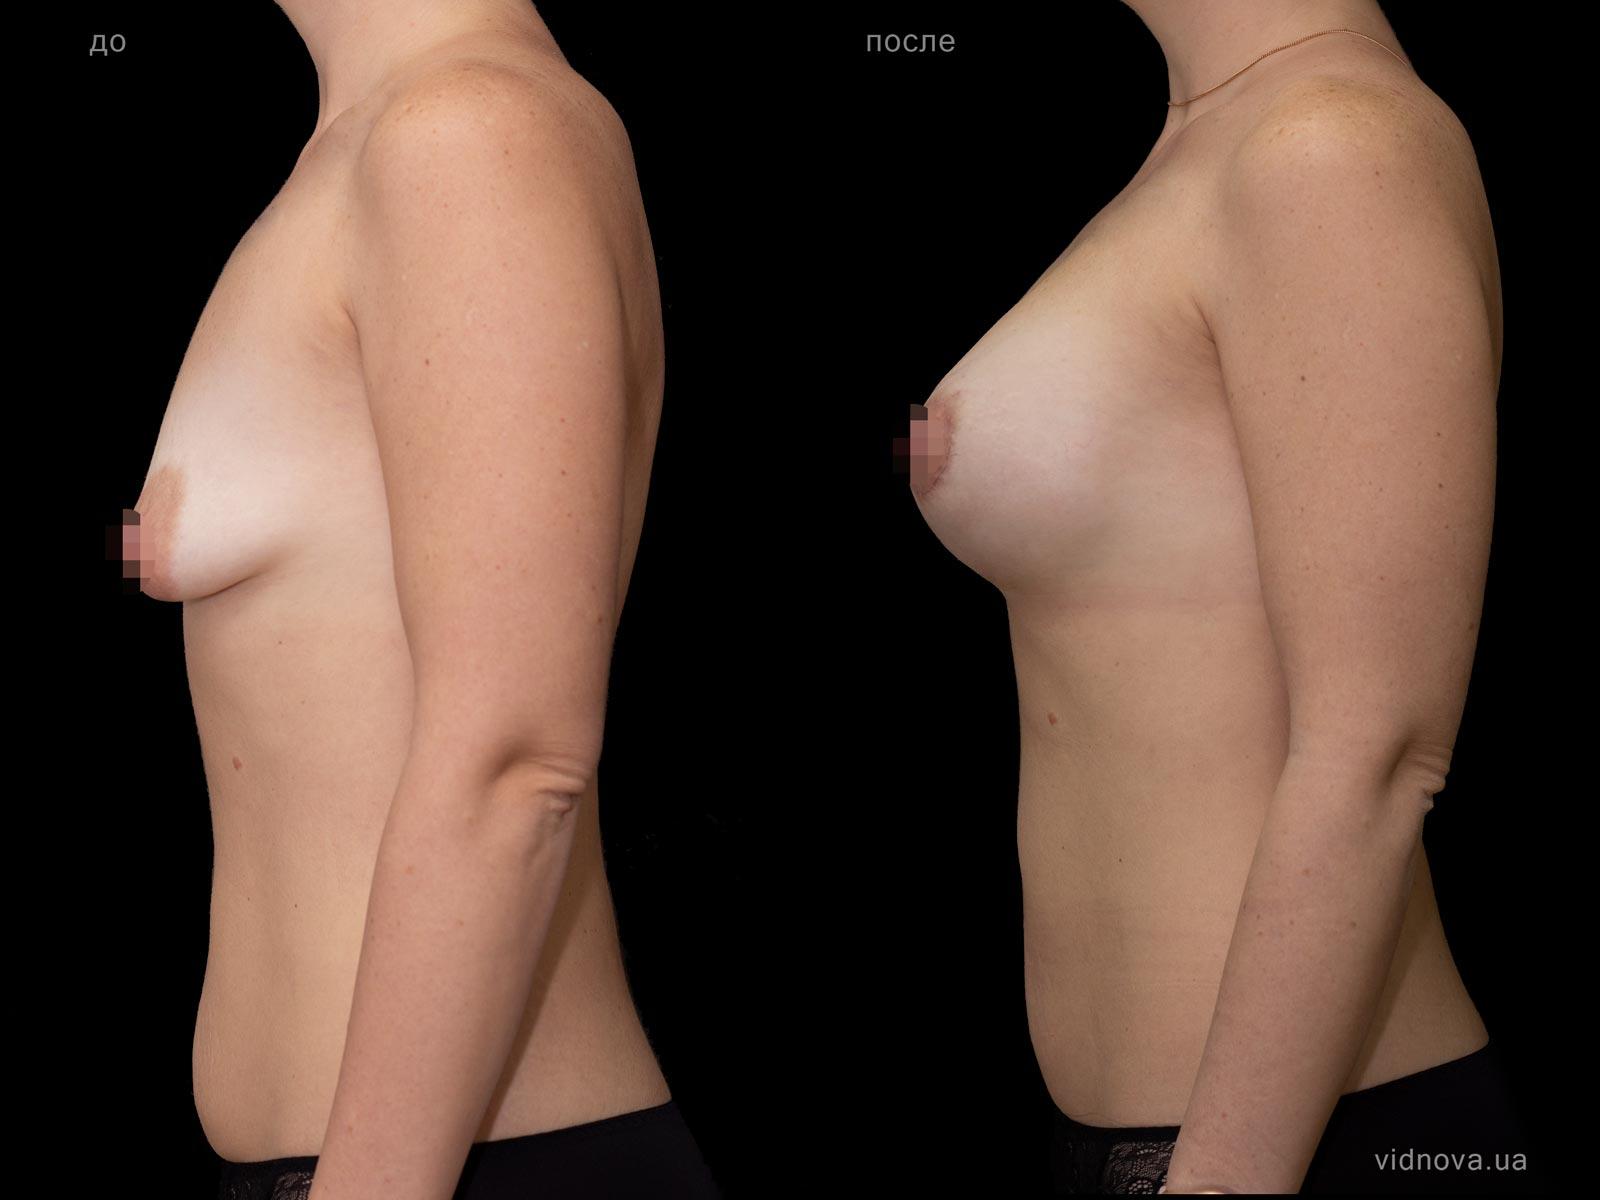 Пластика груди: результаты до и после - Пример №78-1 - Светлана Работенко